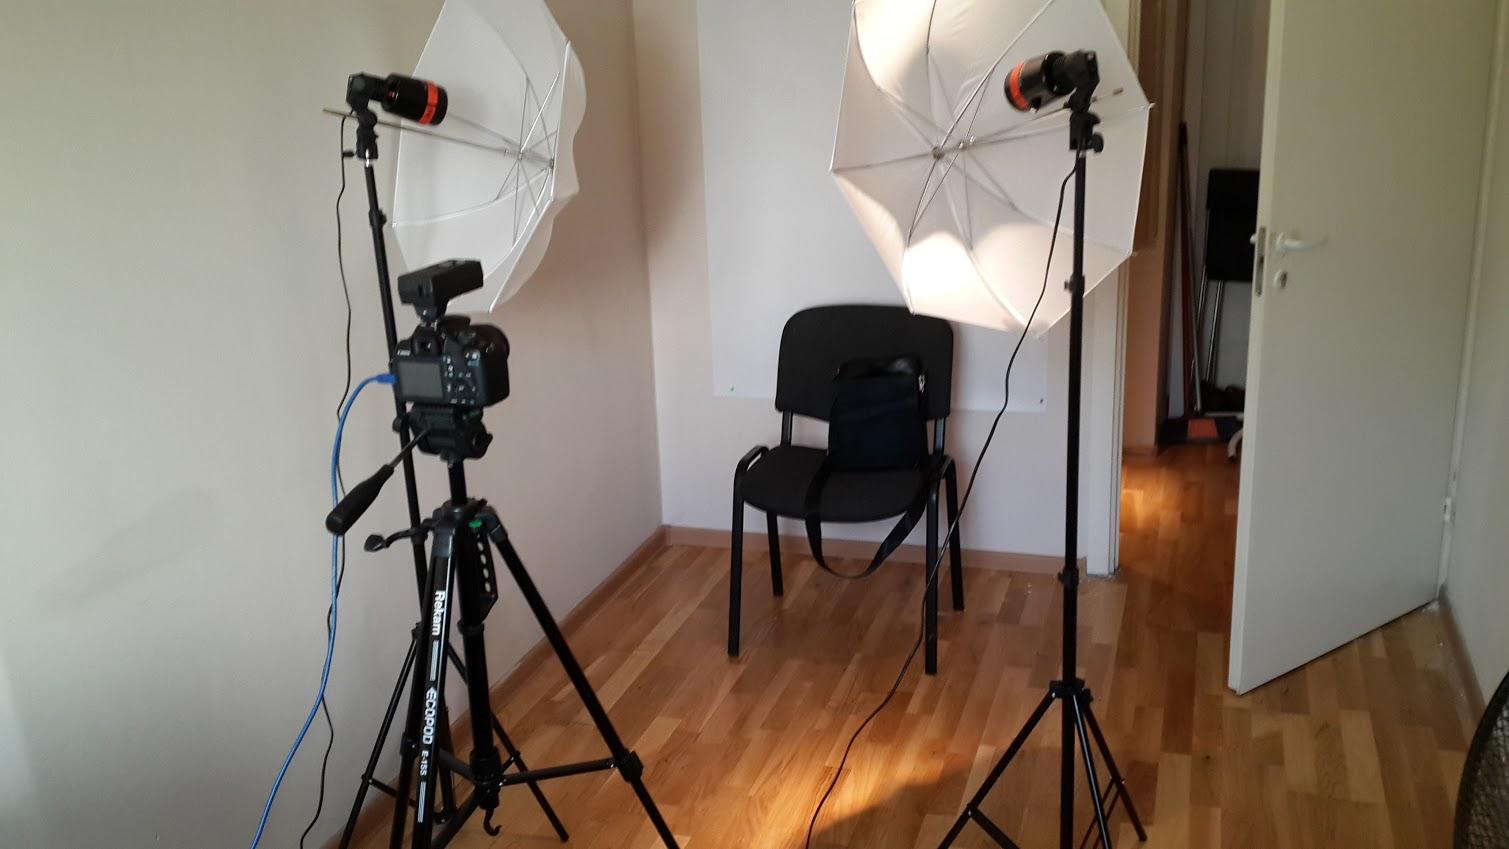 сорок размещение фотовспышек в комнате нашей эры результате